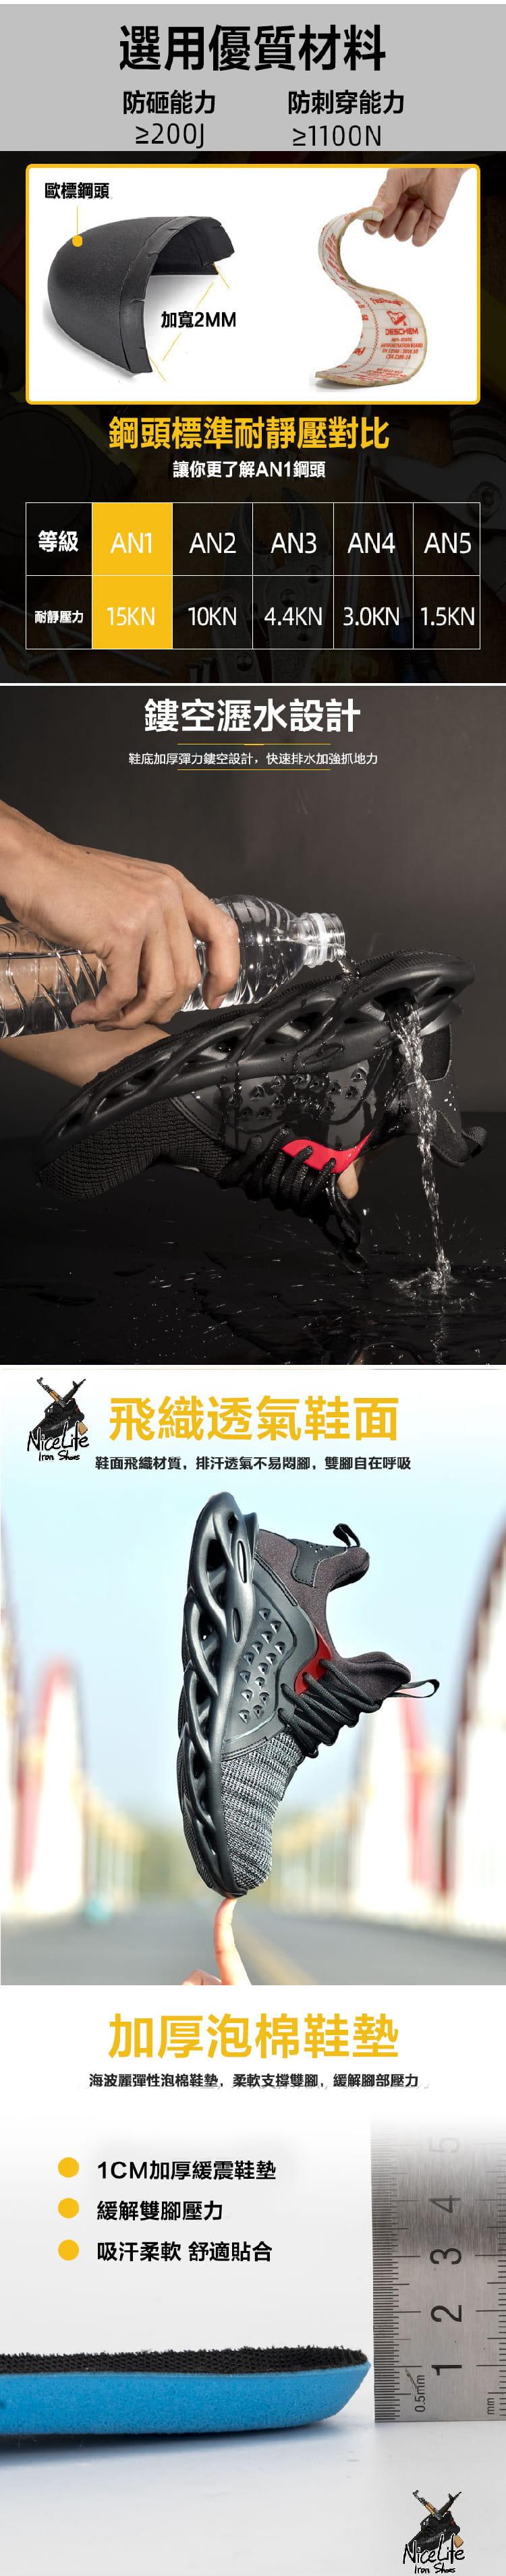 【尼斯生活】黑彈簧機能鋼鐵鞋 7